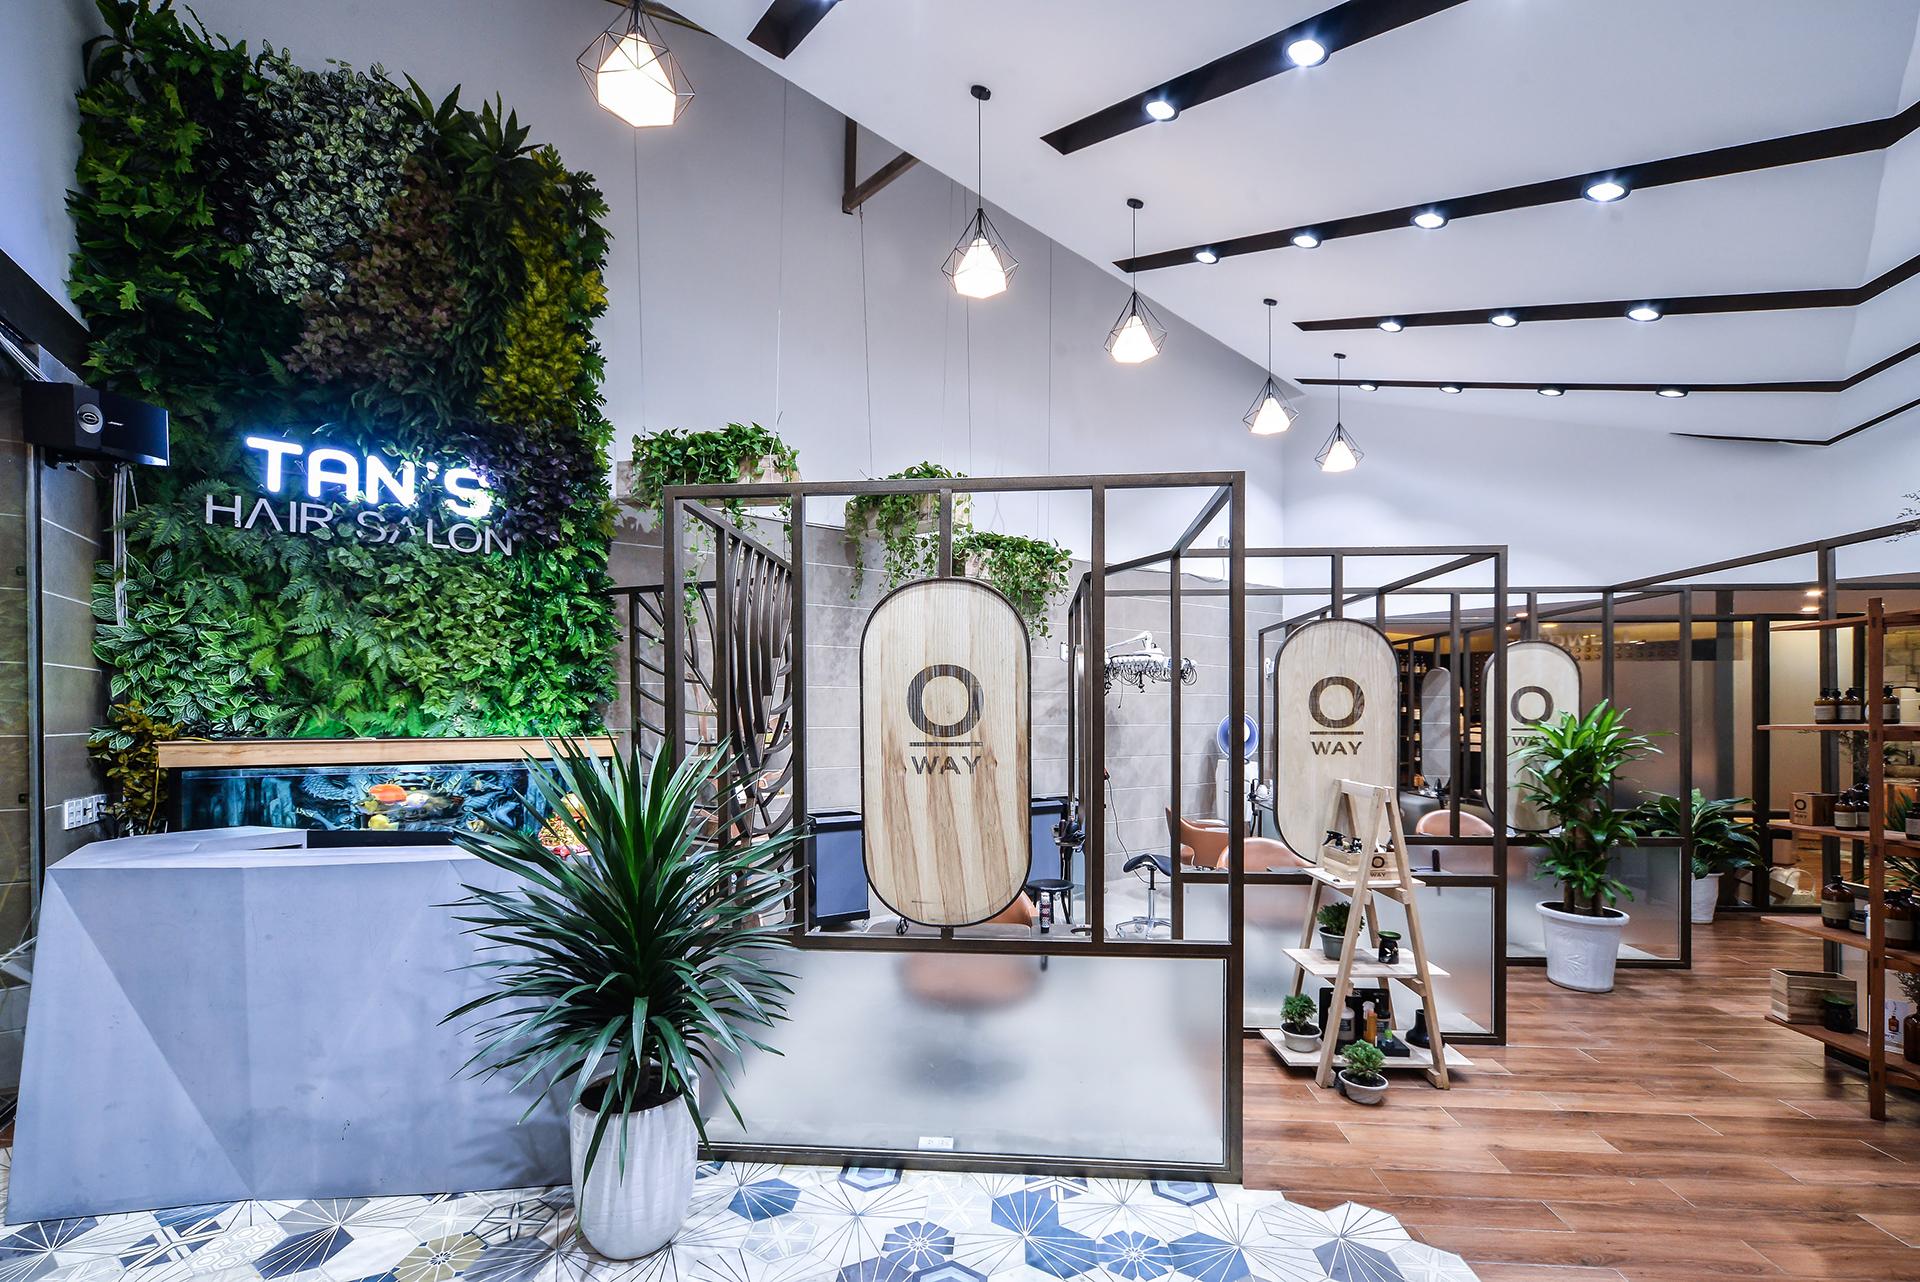 thiết kế nội thất Spa tại Nghệ An Thiết kế Tan's Hair Salon 3 1537501450